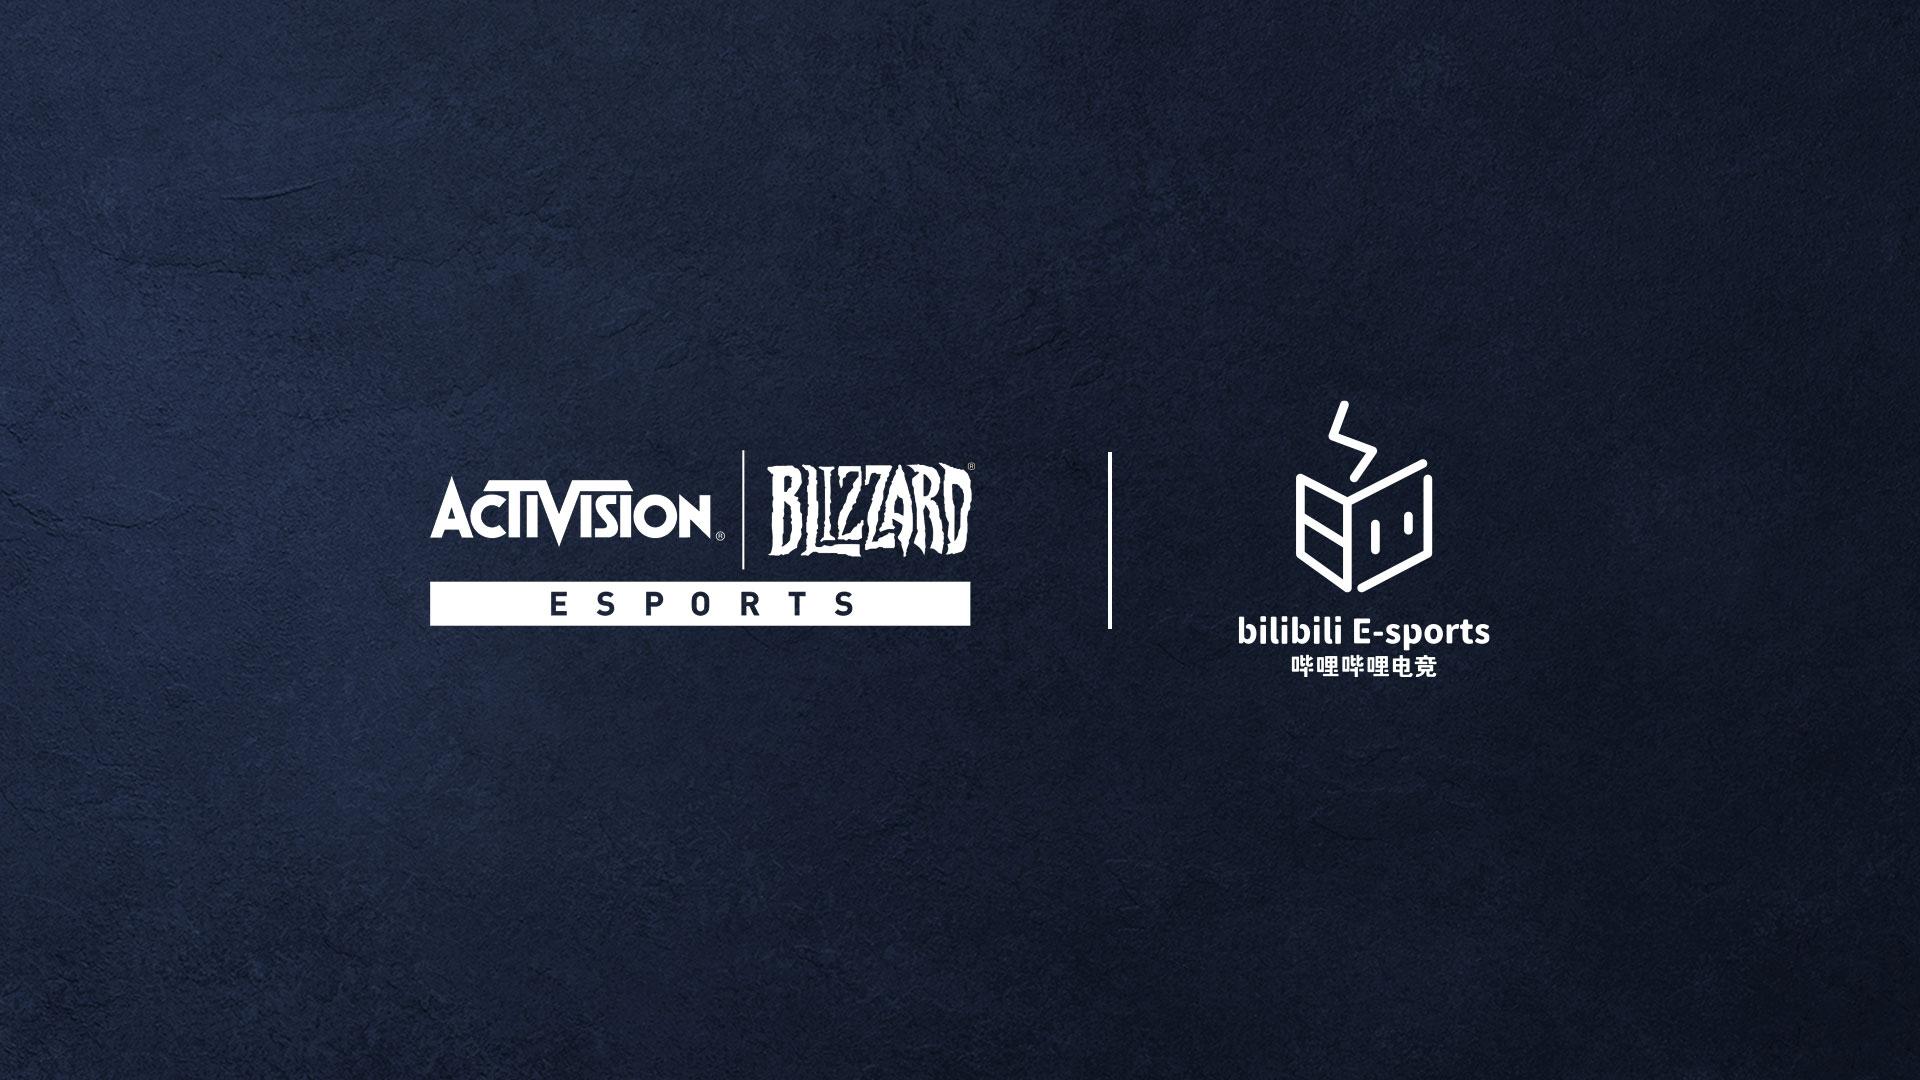 哔哩哔哩电竞与动视暴雪电竞达成战略合作,将围绕《守望先锋联赛》展开多领域合作-Gamewower